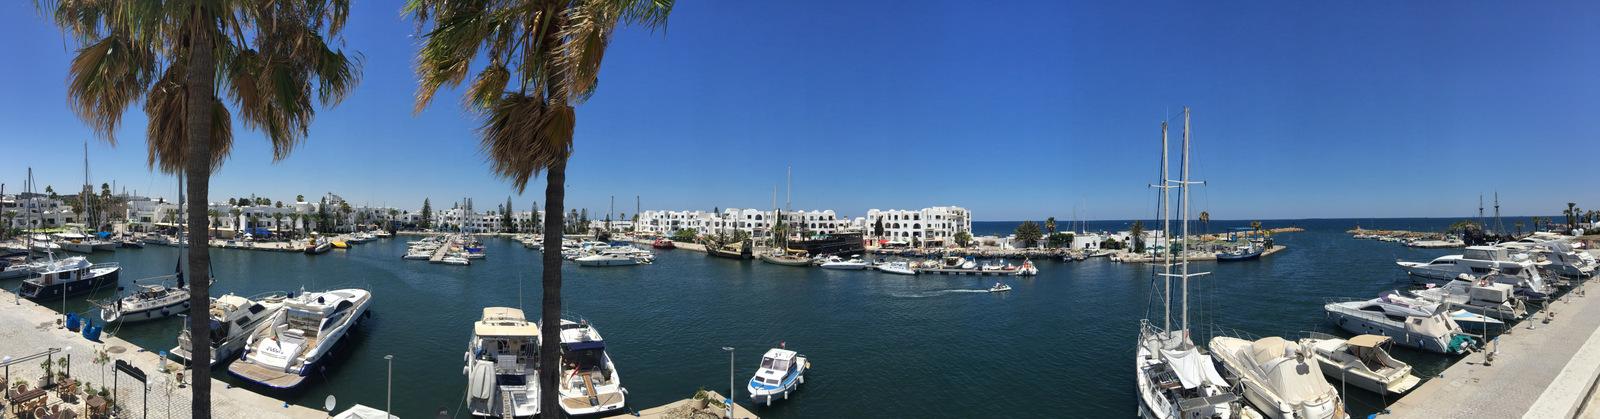 tunezja co zobaczyc atrakcjetunezja co zobaczyc atrakcje